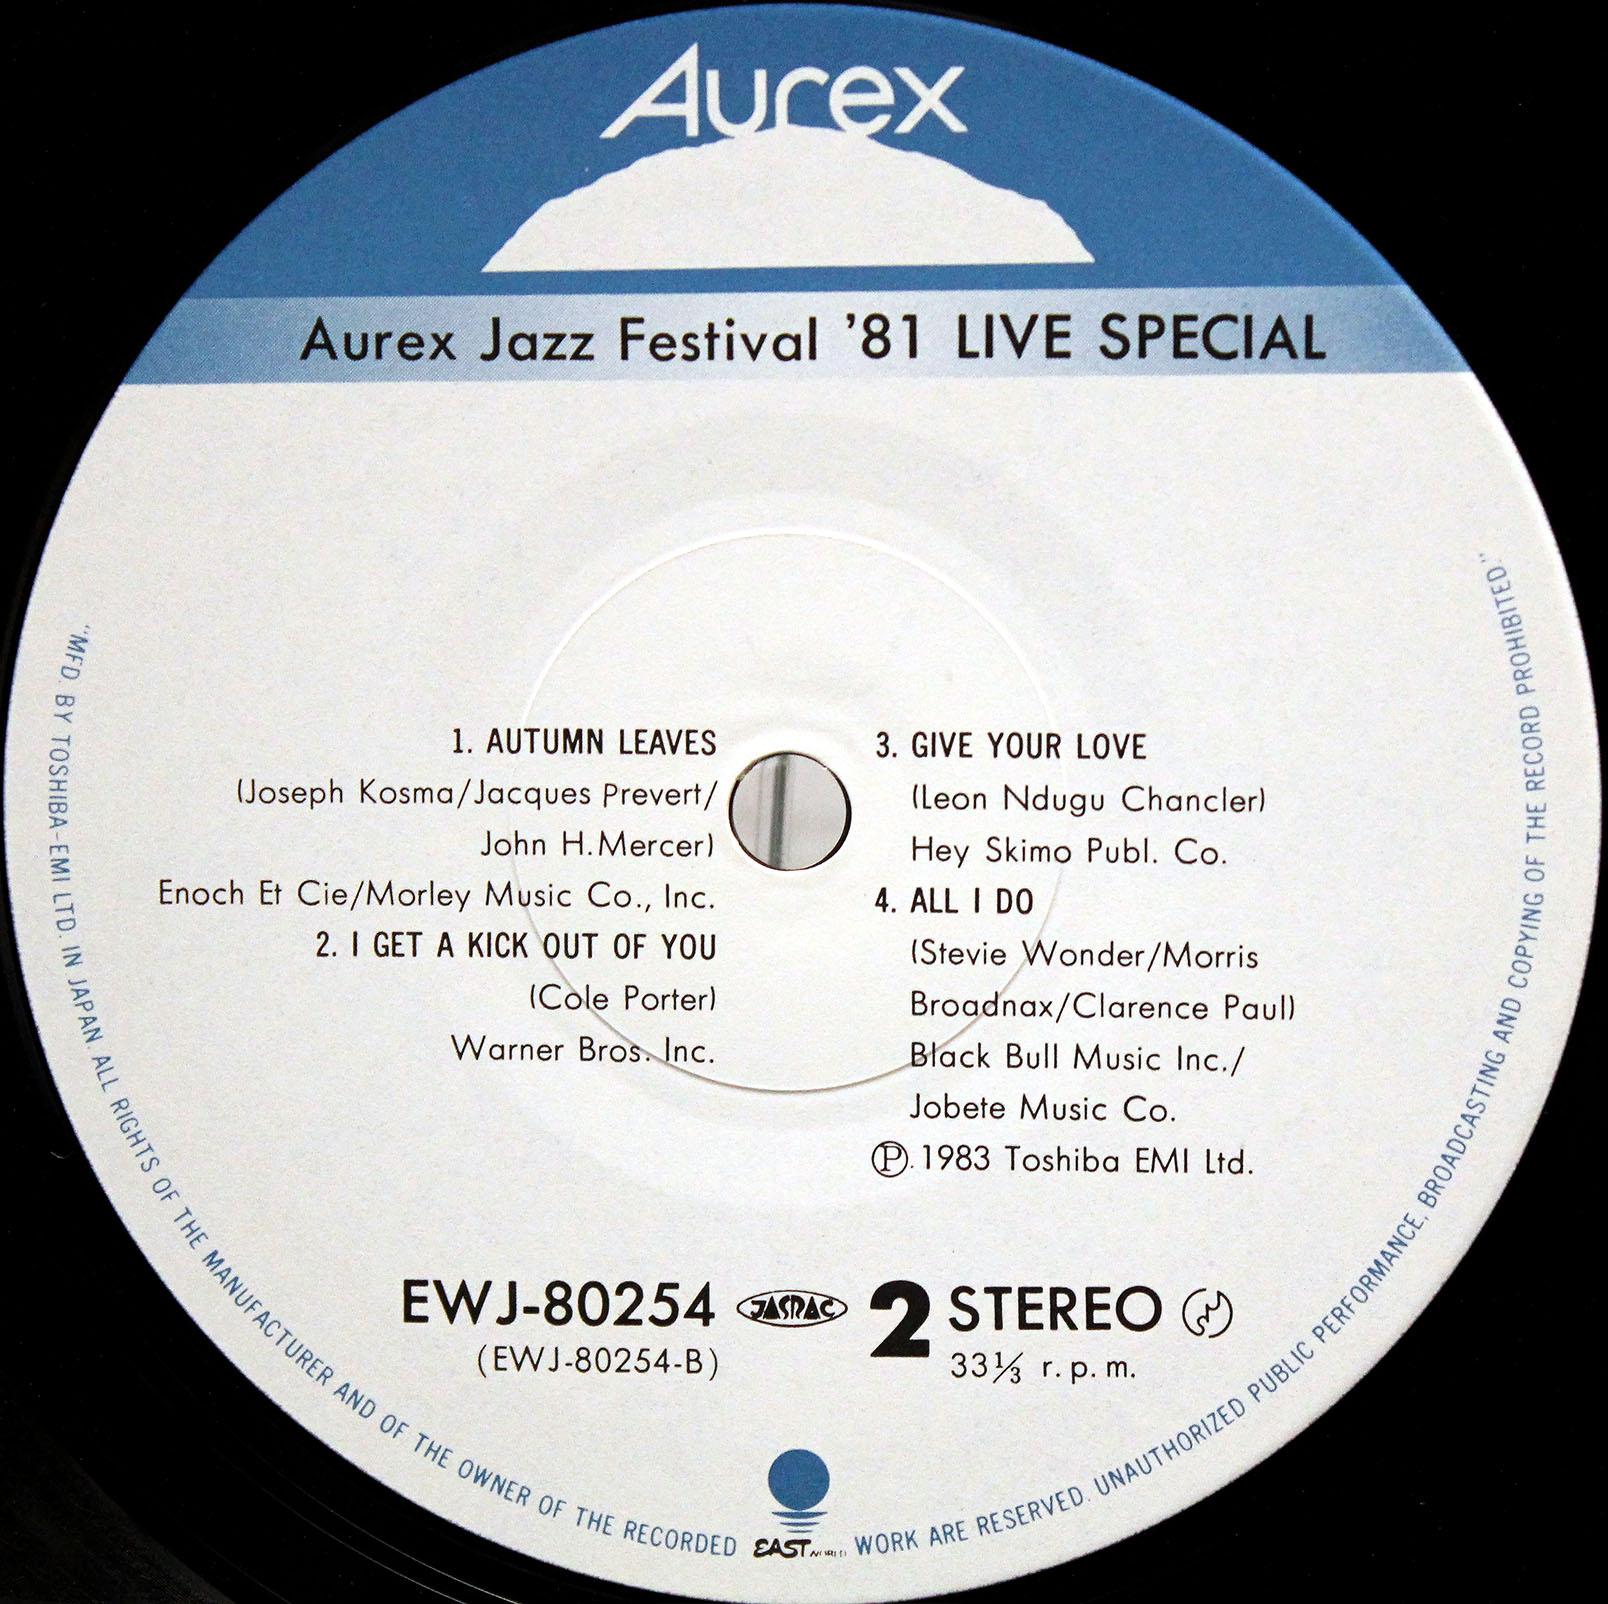 Aurex Jazz Festival 05